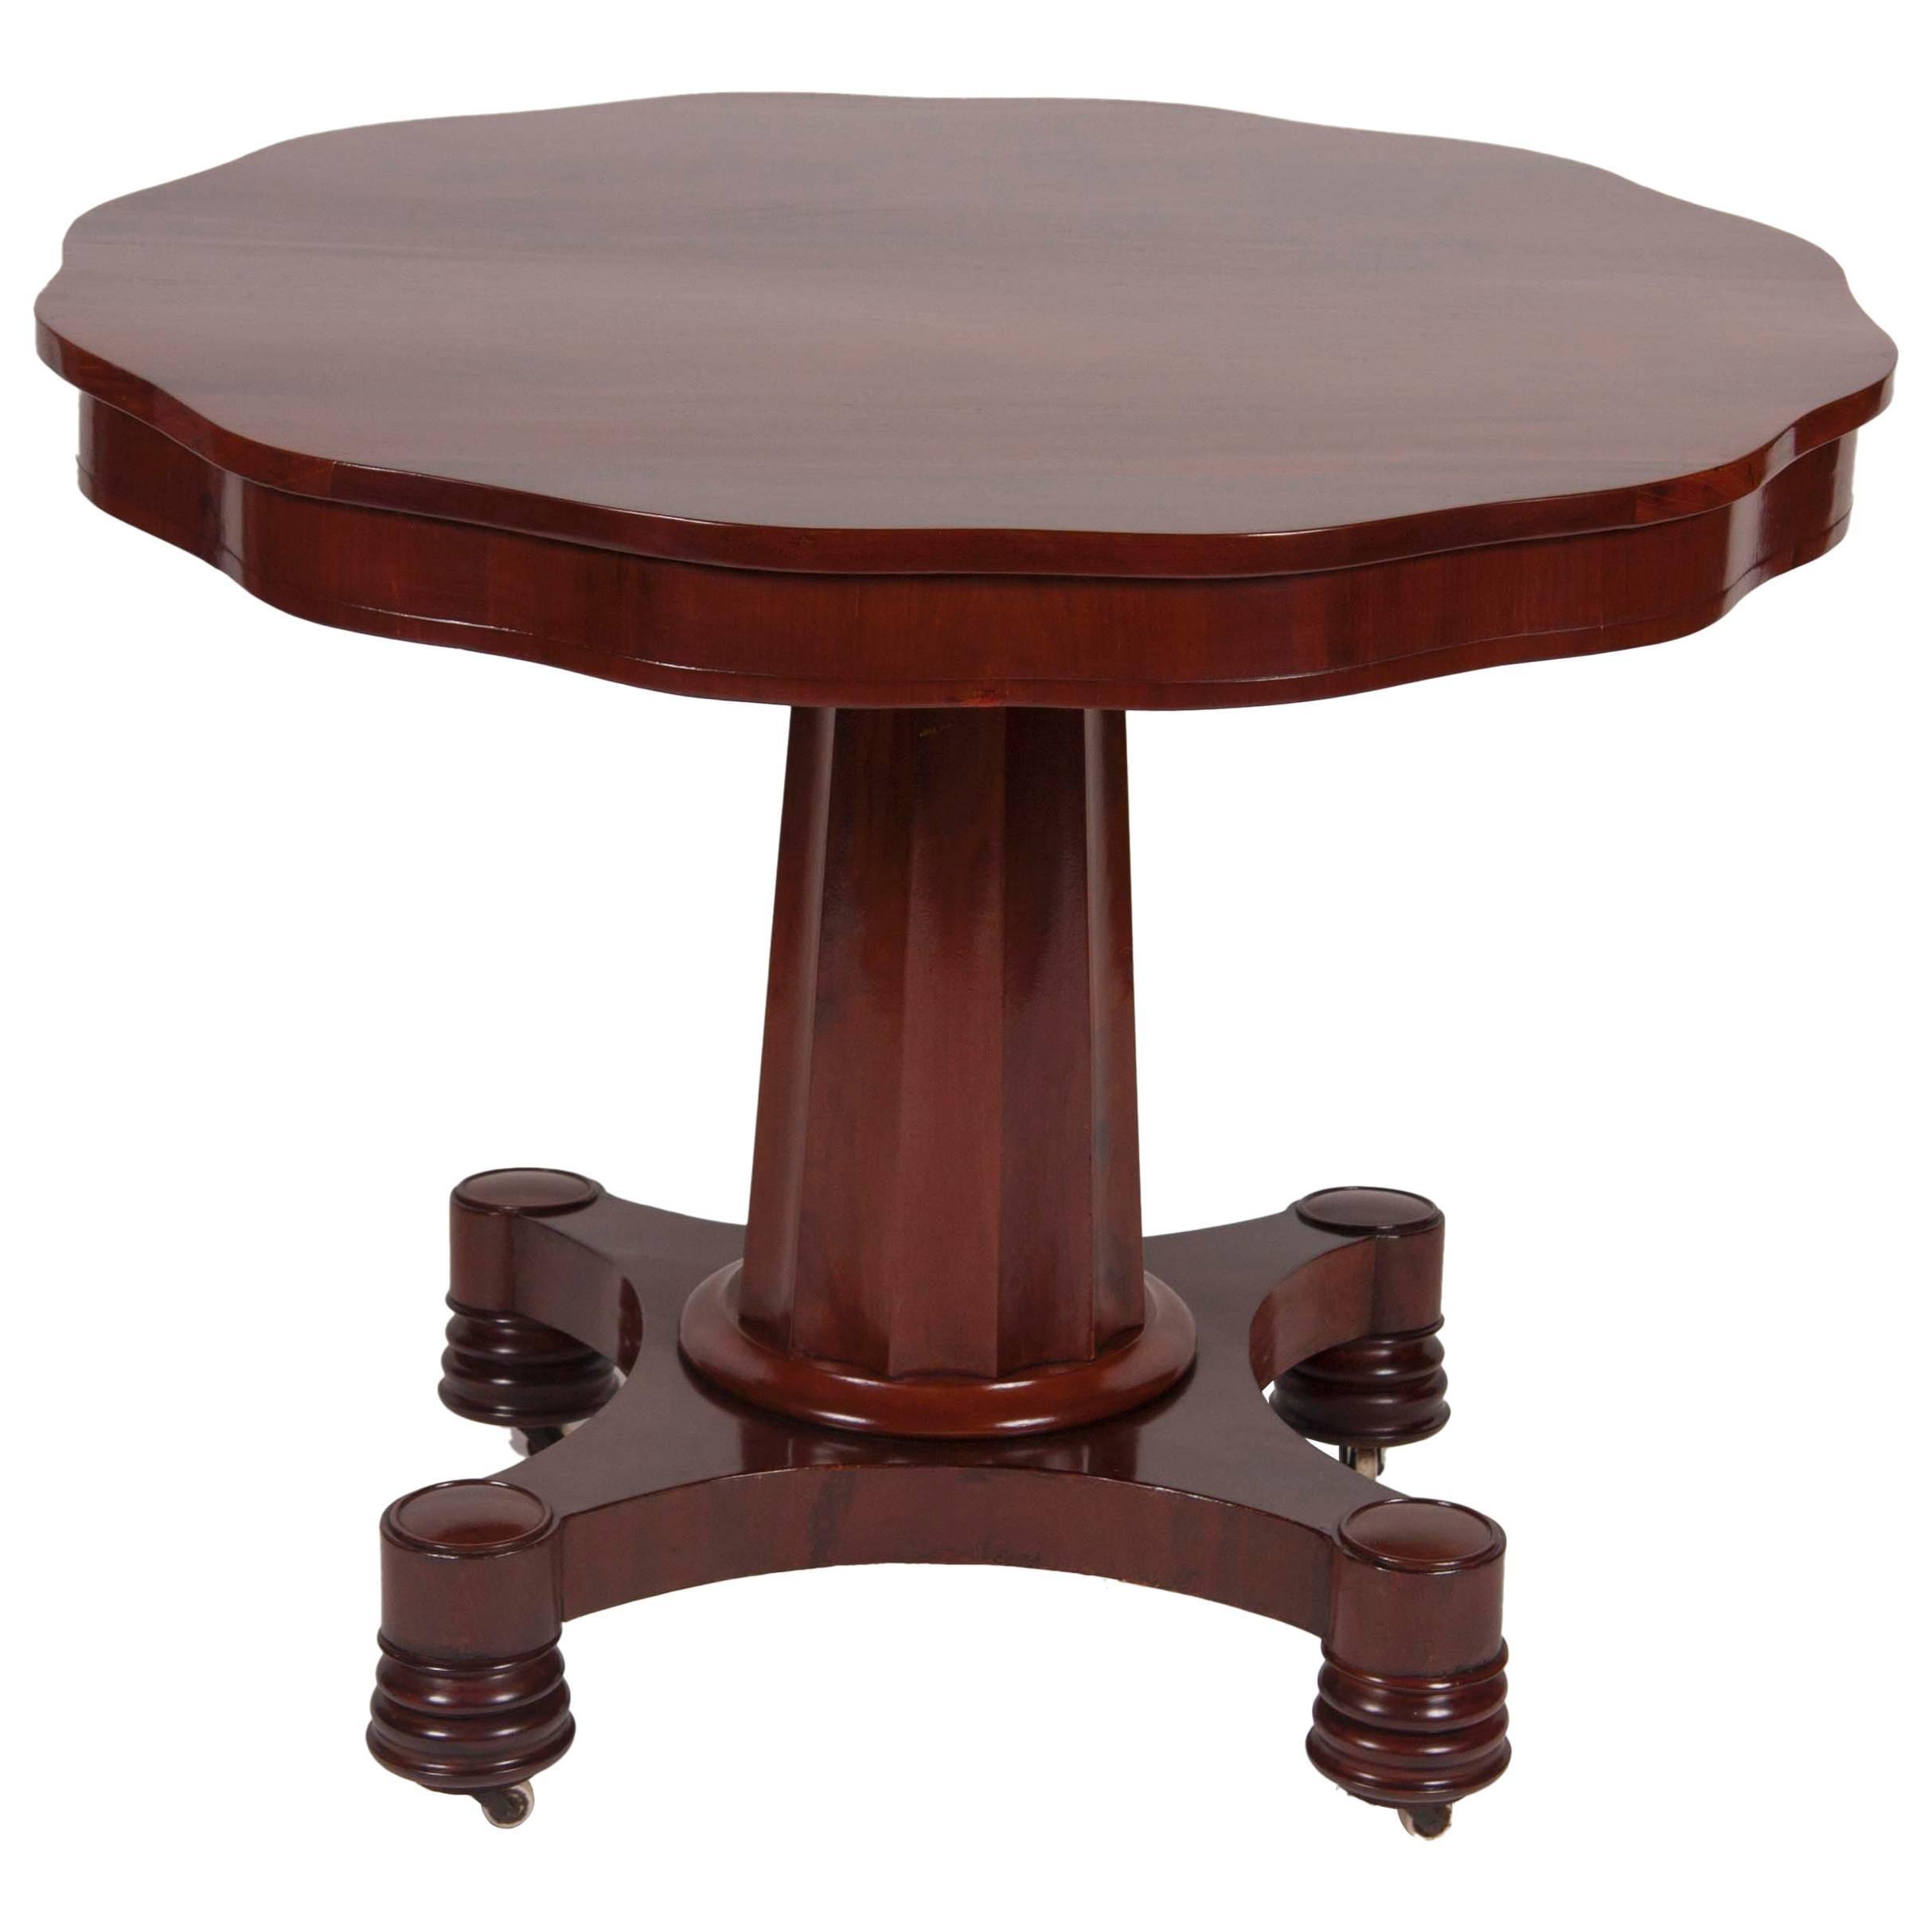 American Mahogany Empire Center Table